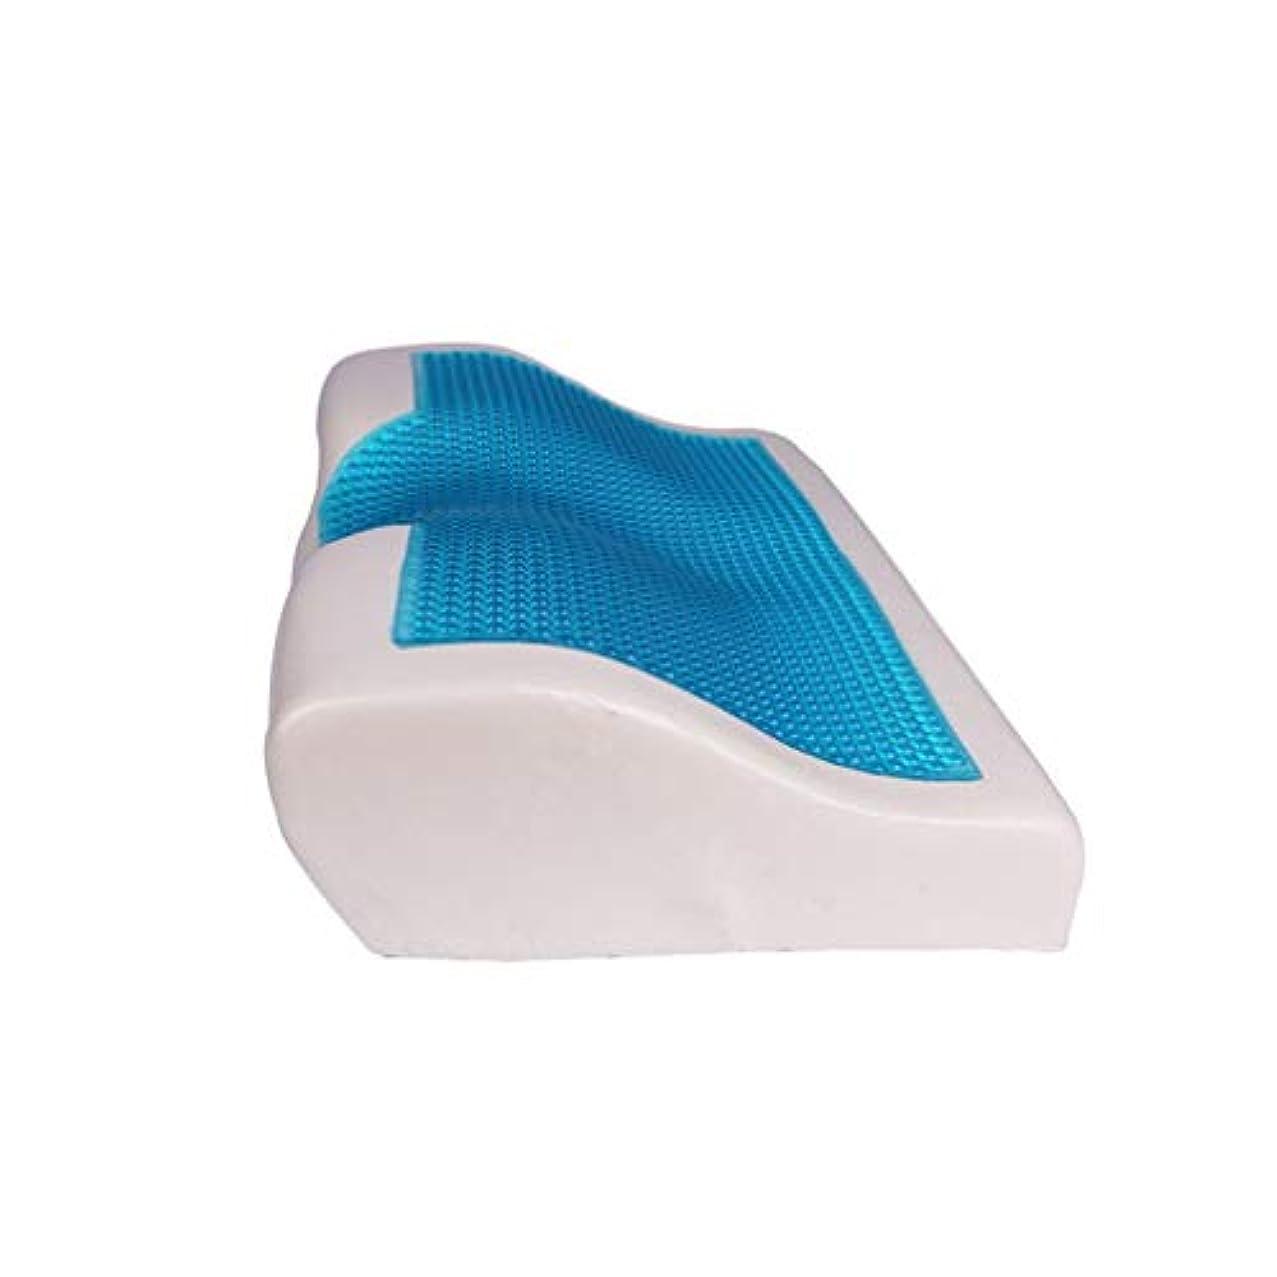 レオナルドダ選択薬を飲む低反発クールなジェル枕夏の冷たい眠りの青涼しい快適なジェルベッド枕クッション用寝具